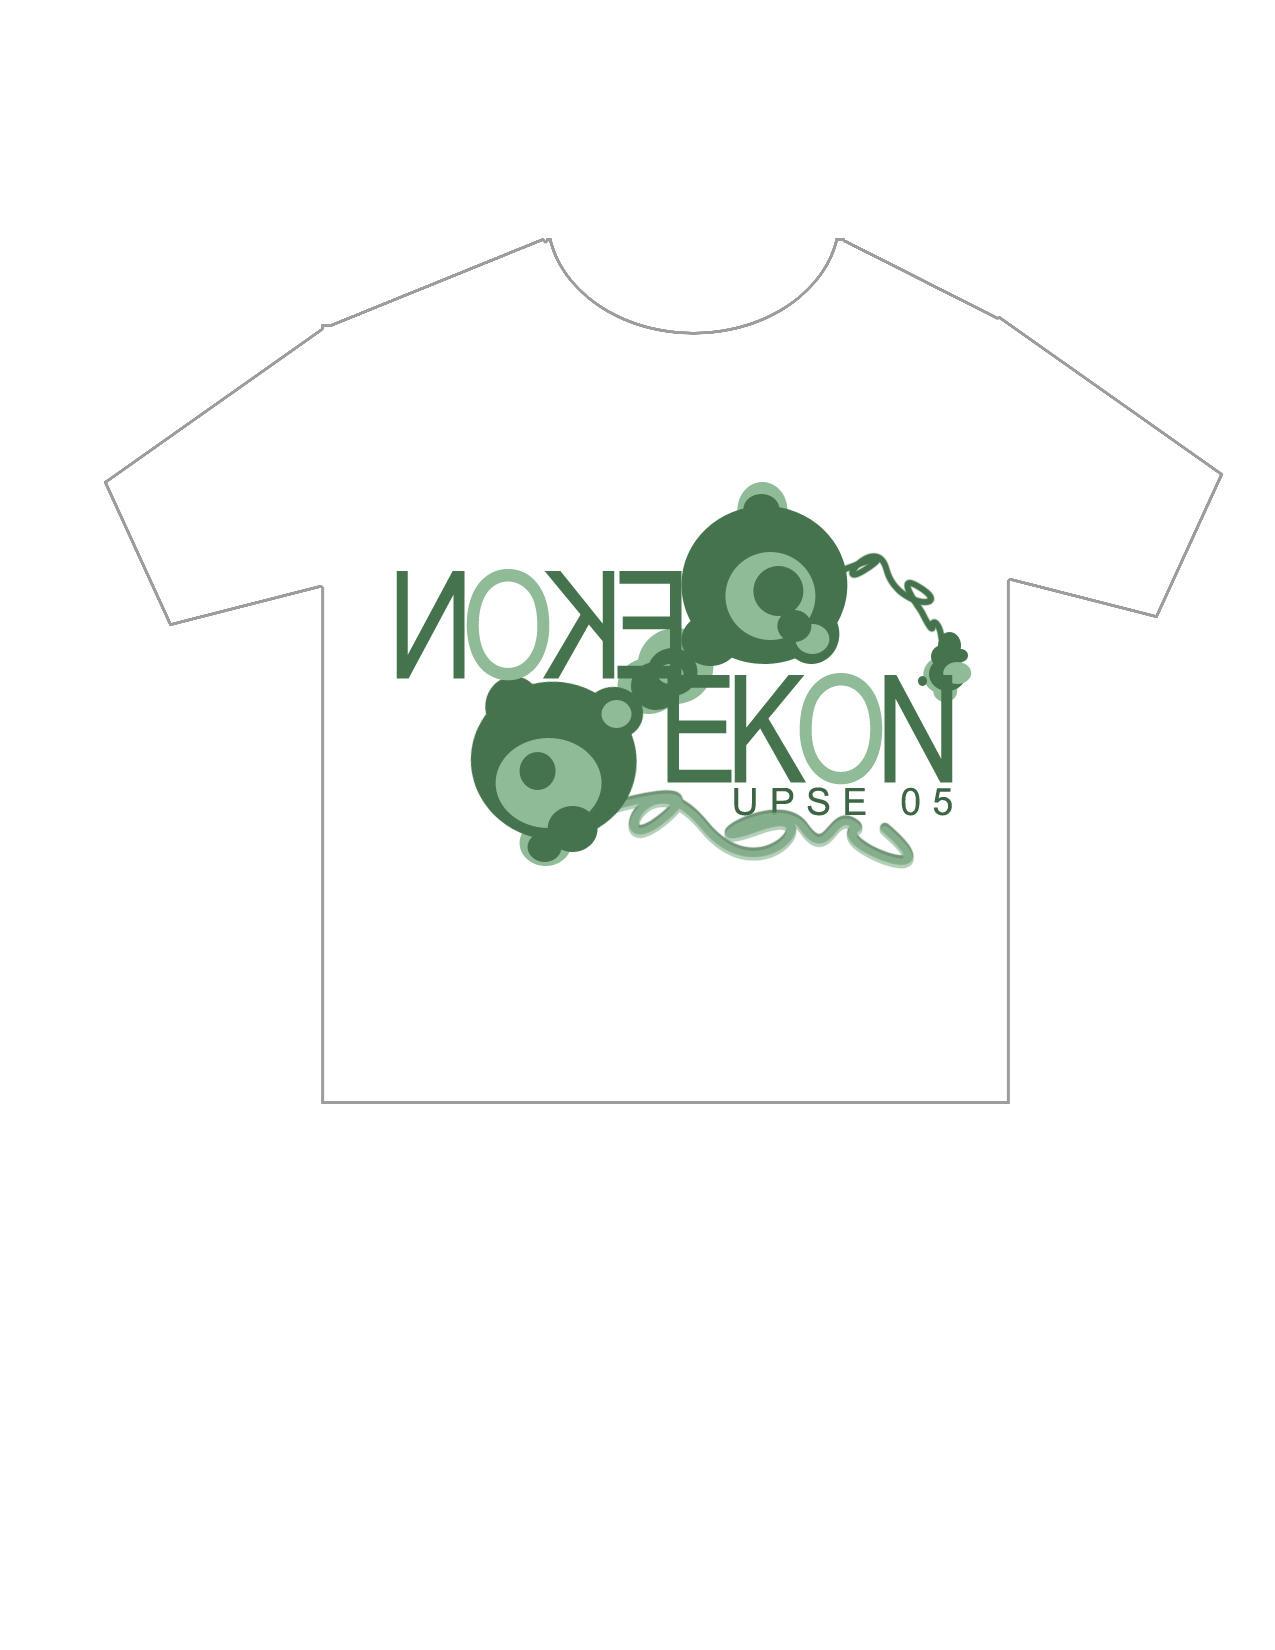 se05 design1 by honeystar